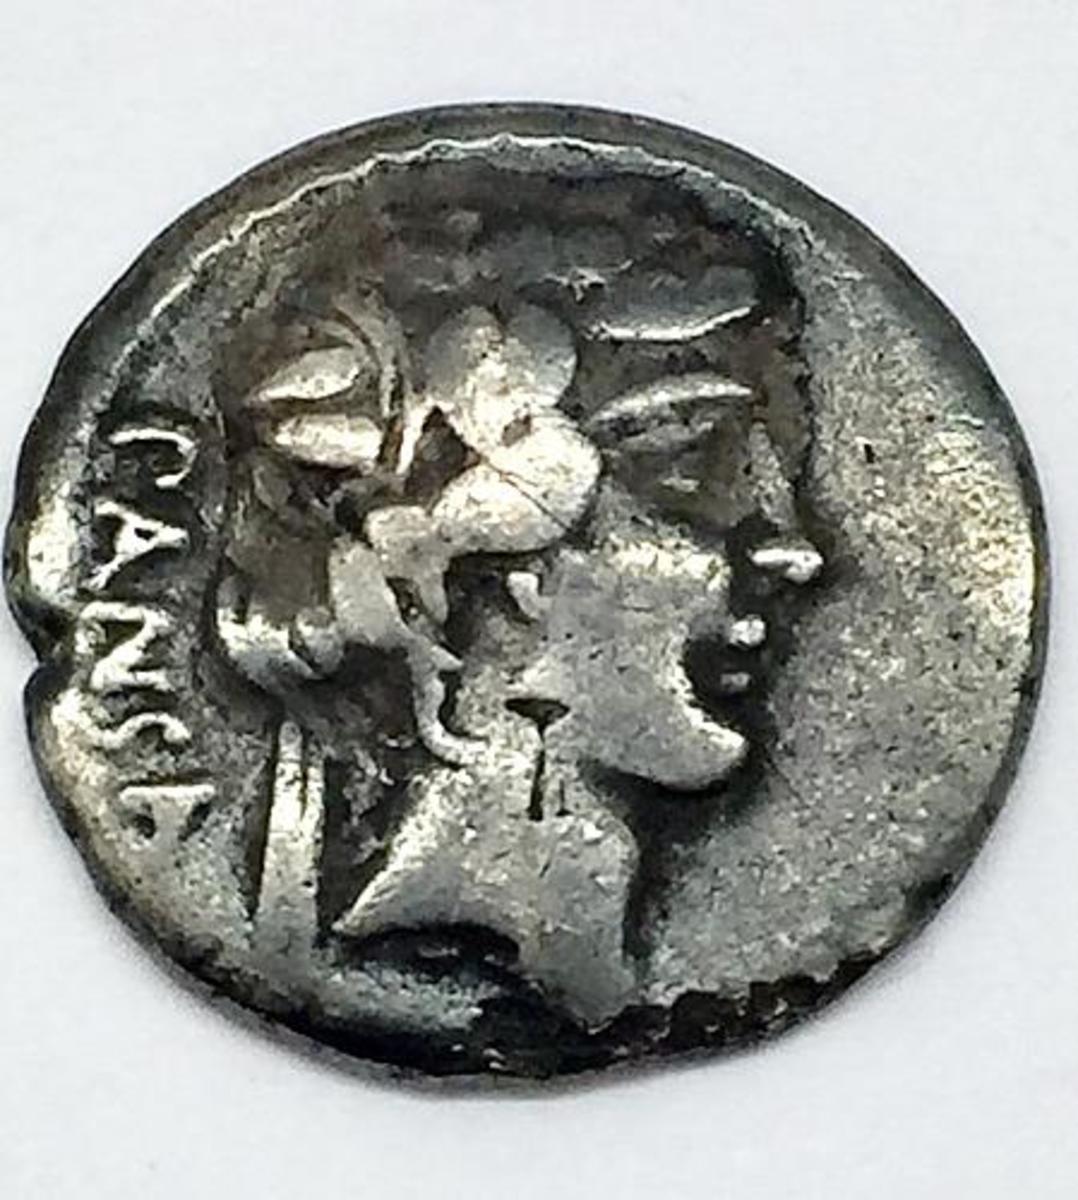 oman Republic C.Vibius Pansa Caetronianius AR Denarius - 48BC.  (Image courtesy usacoinbook.com)